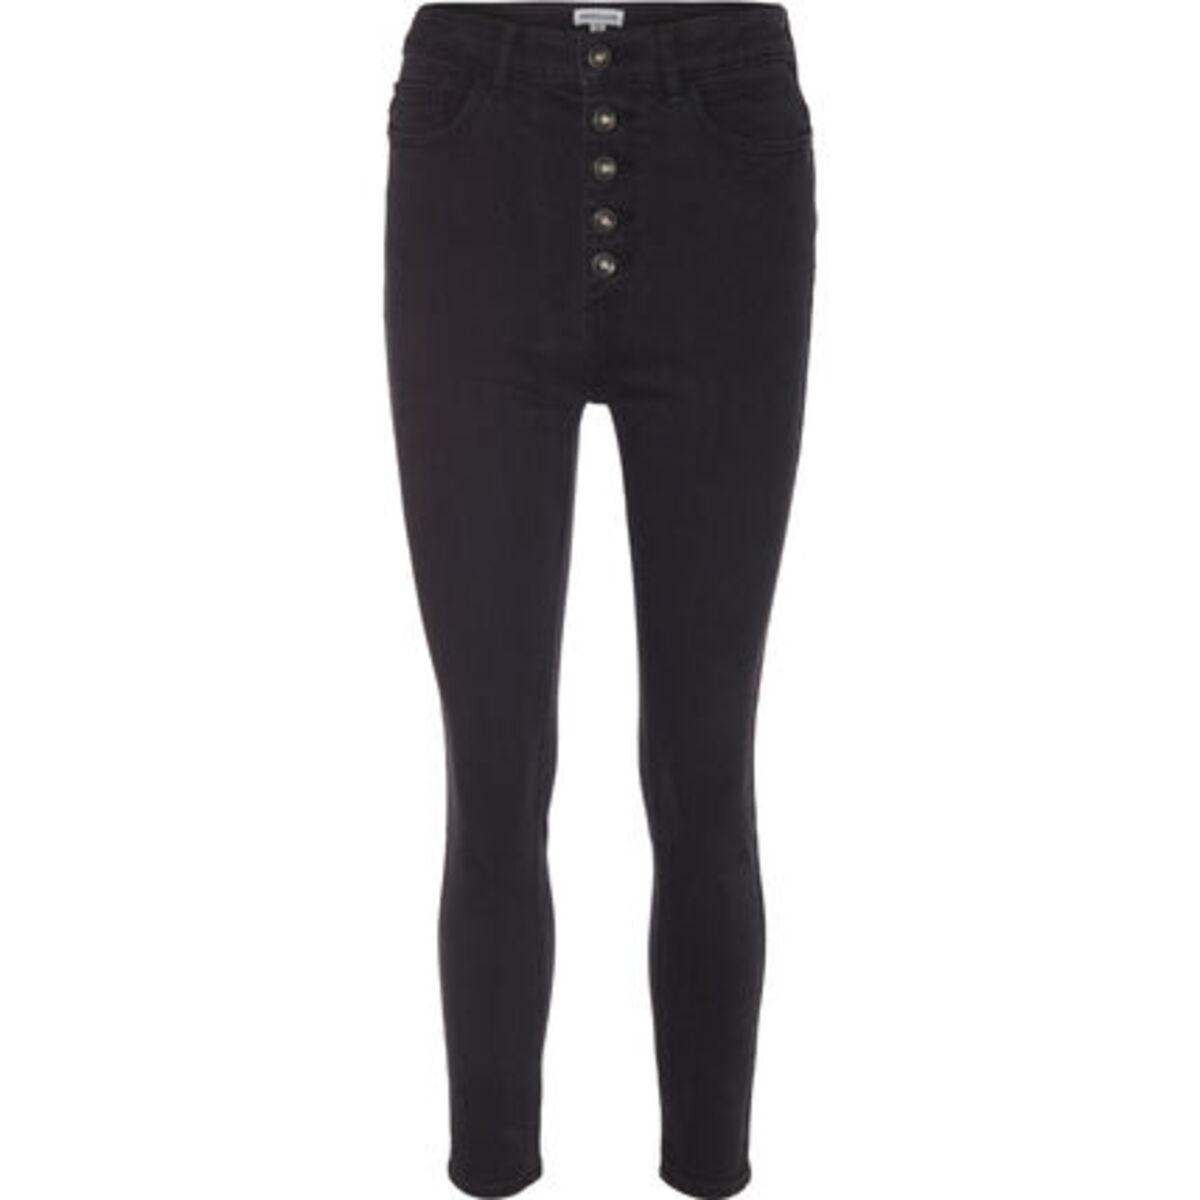 Bild 1 von MANGUUN Jeans, Skinny Fit, Knopfleiste, für Damen